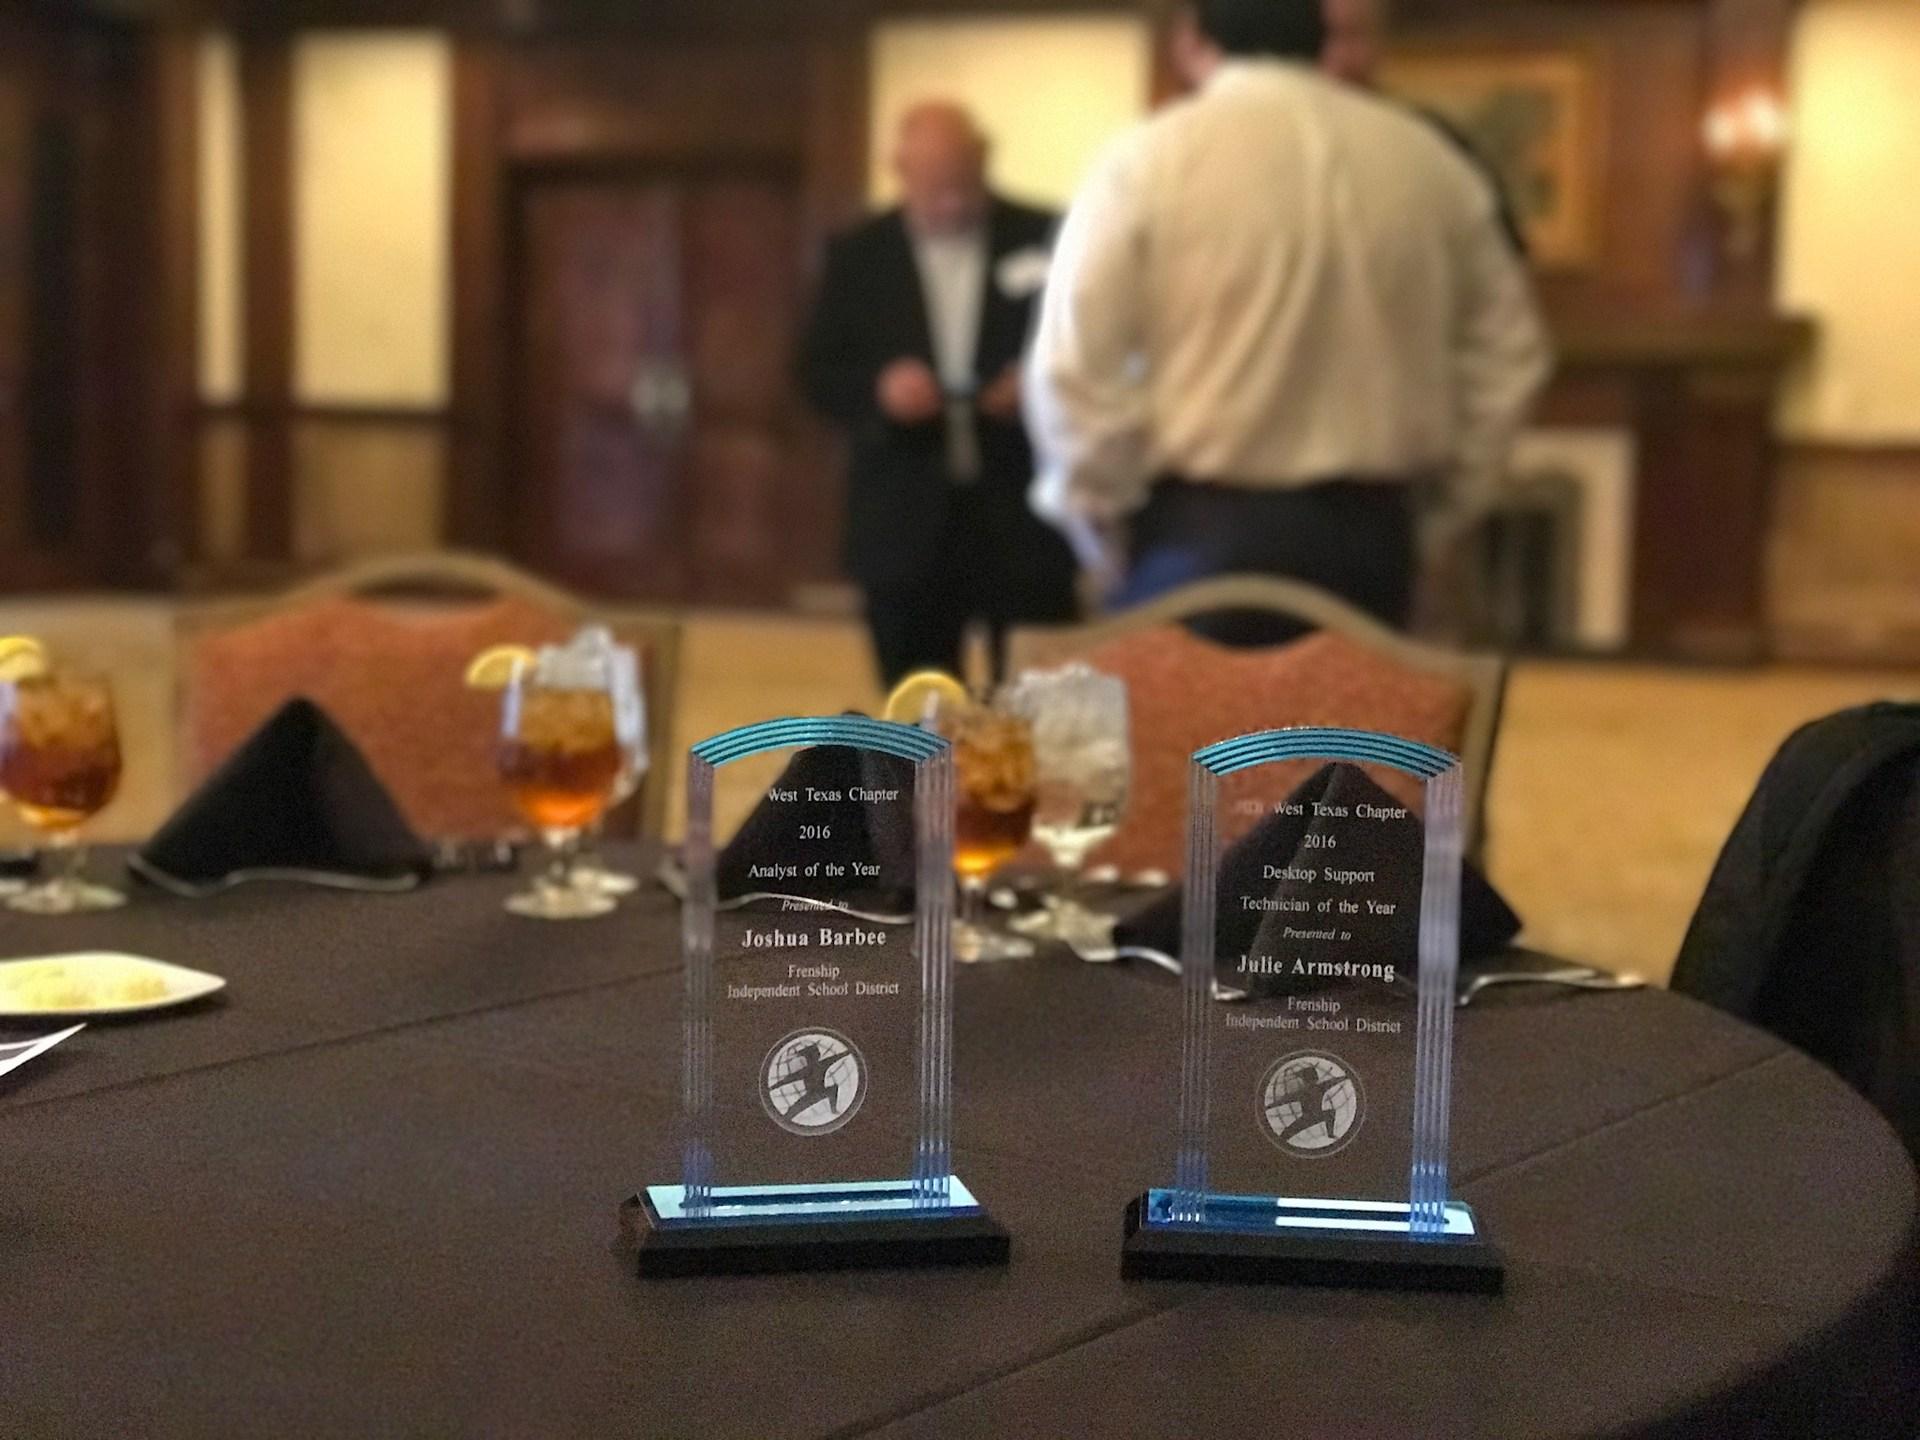 HDI Awards